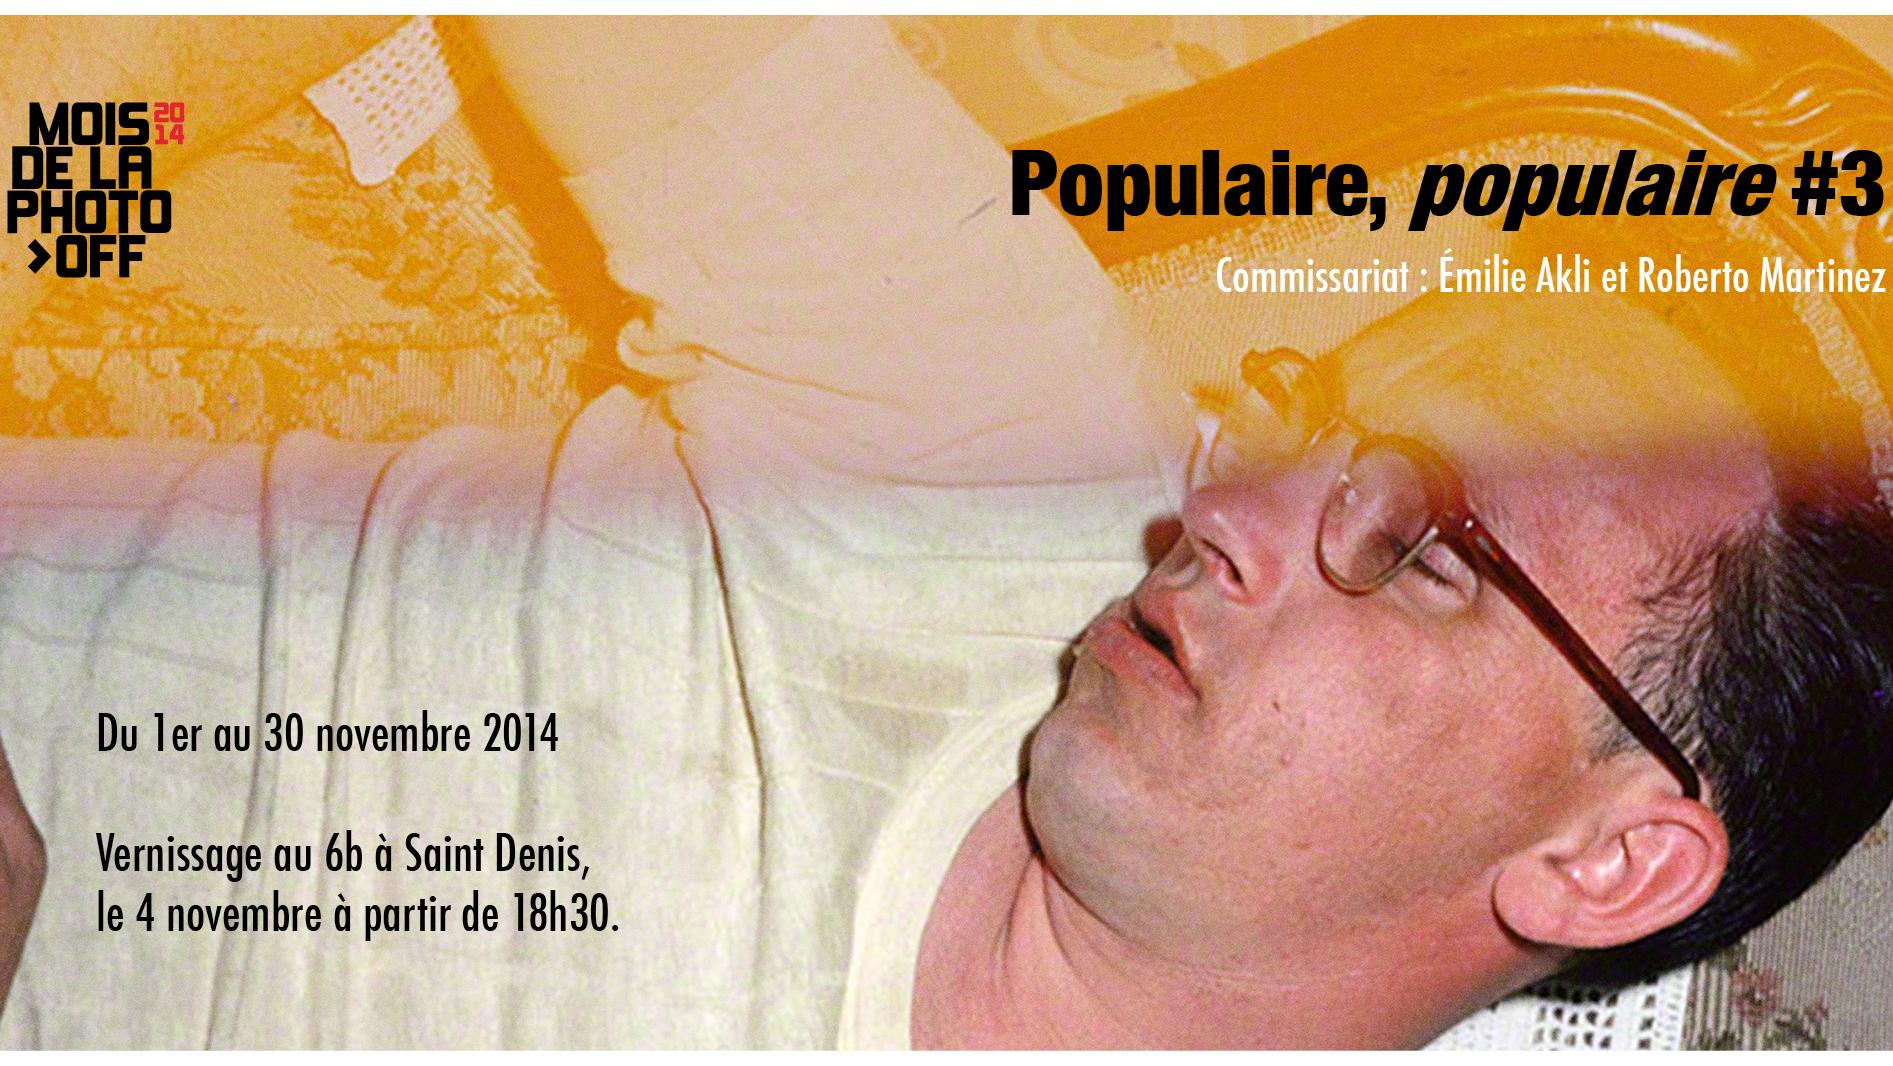 Populaire popuaire 3 - mois OFF 2014 - 16_9